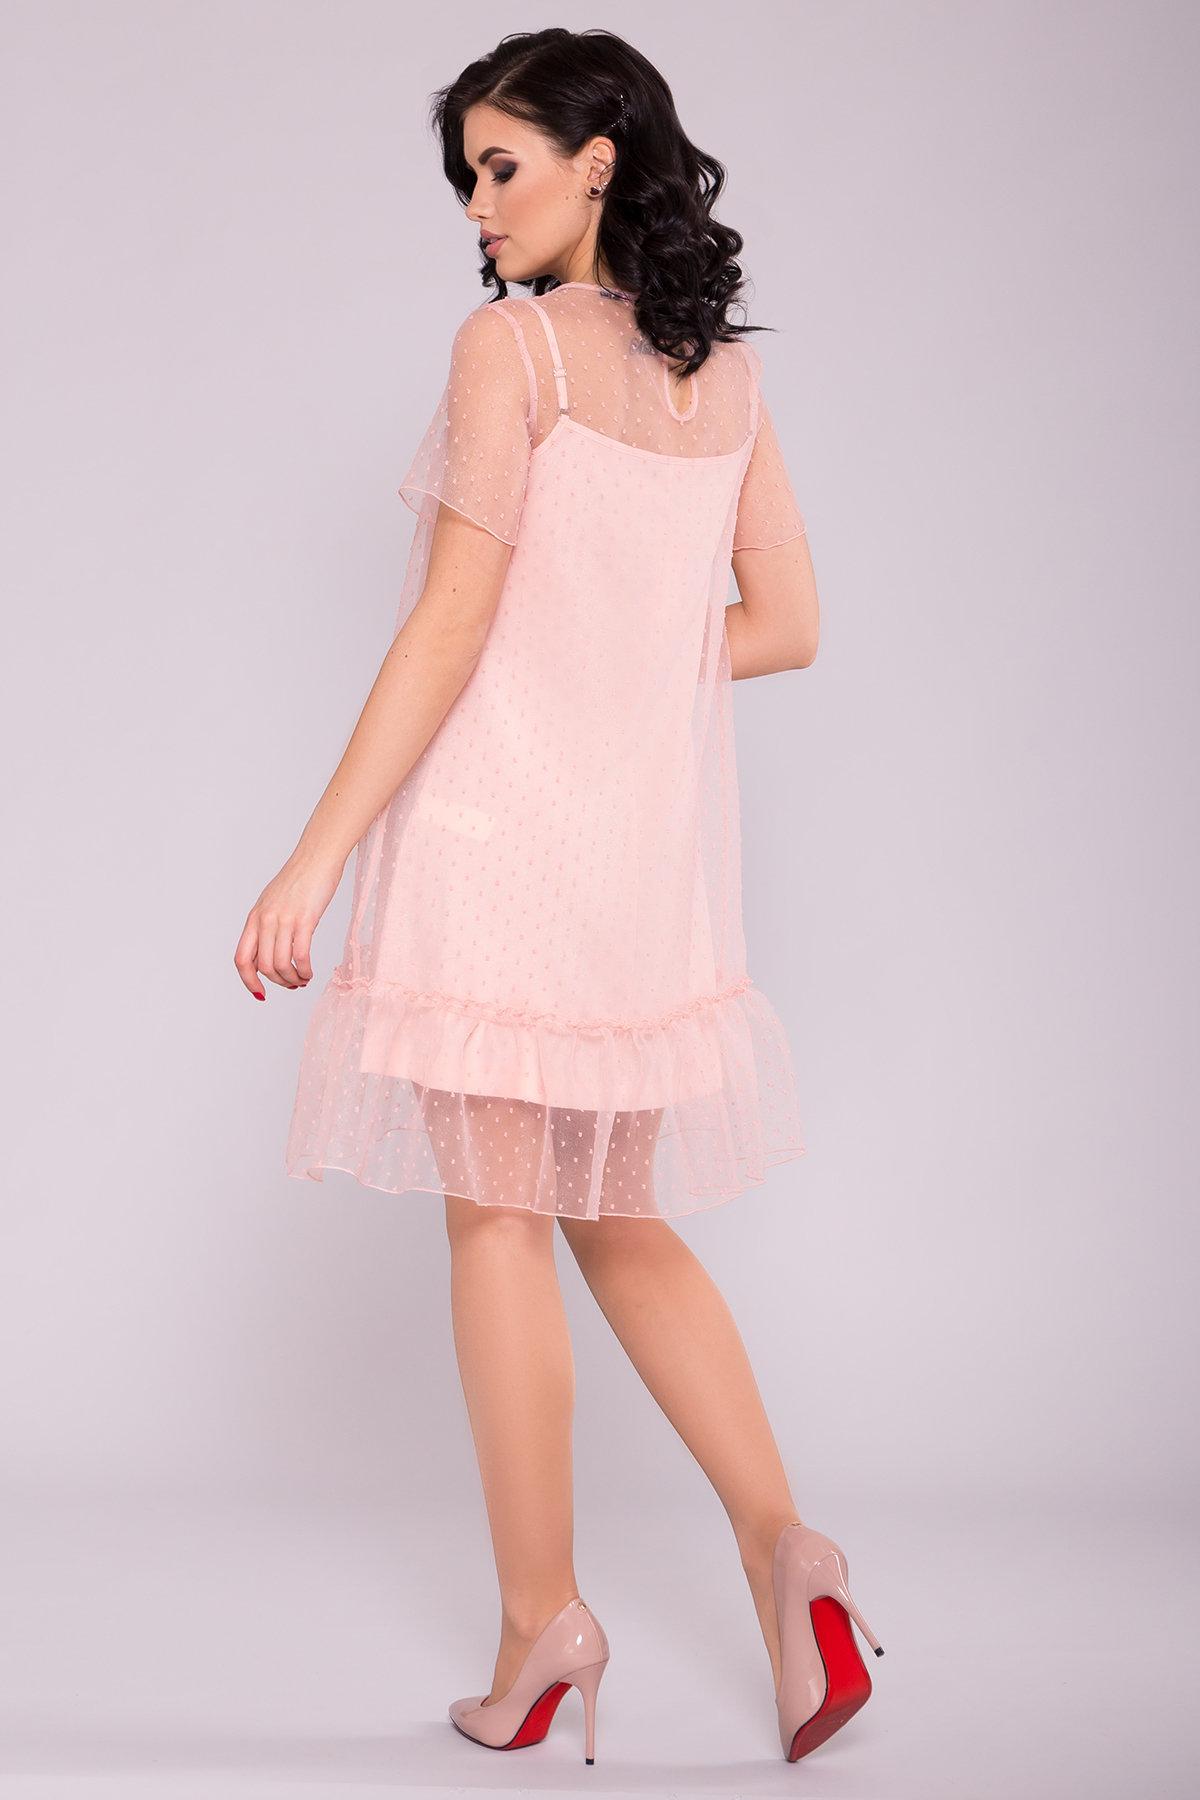 Платье Леонела 6960 АРТ. 42340 Цвет: Пудра 7 - фото 2, интернет магазин tm-modus.ru